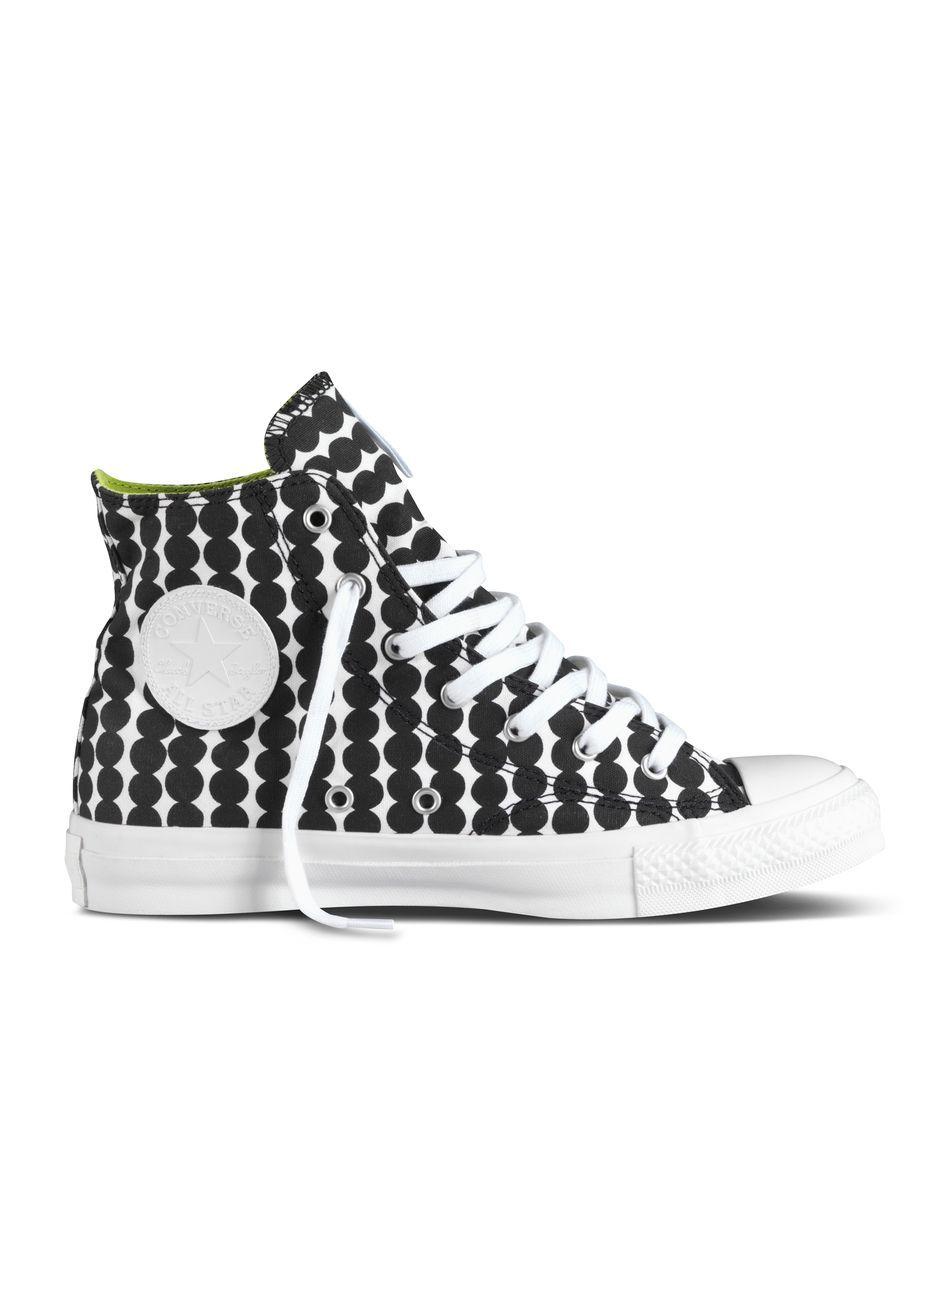 new product b0c9c 94bda Converse X Marimekko -tennarit (valkoinen, musta)   Vaatteet, Naiset, Kengät    Marimekko